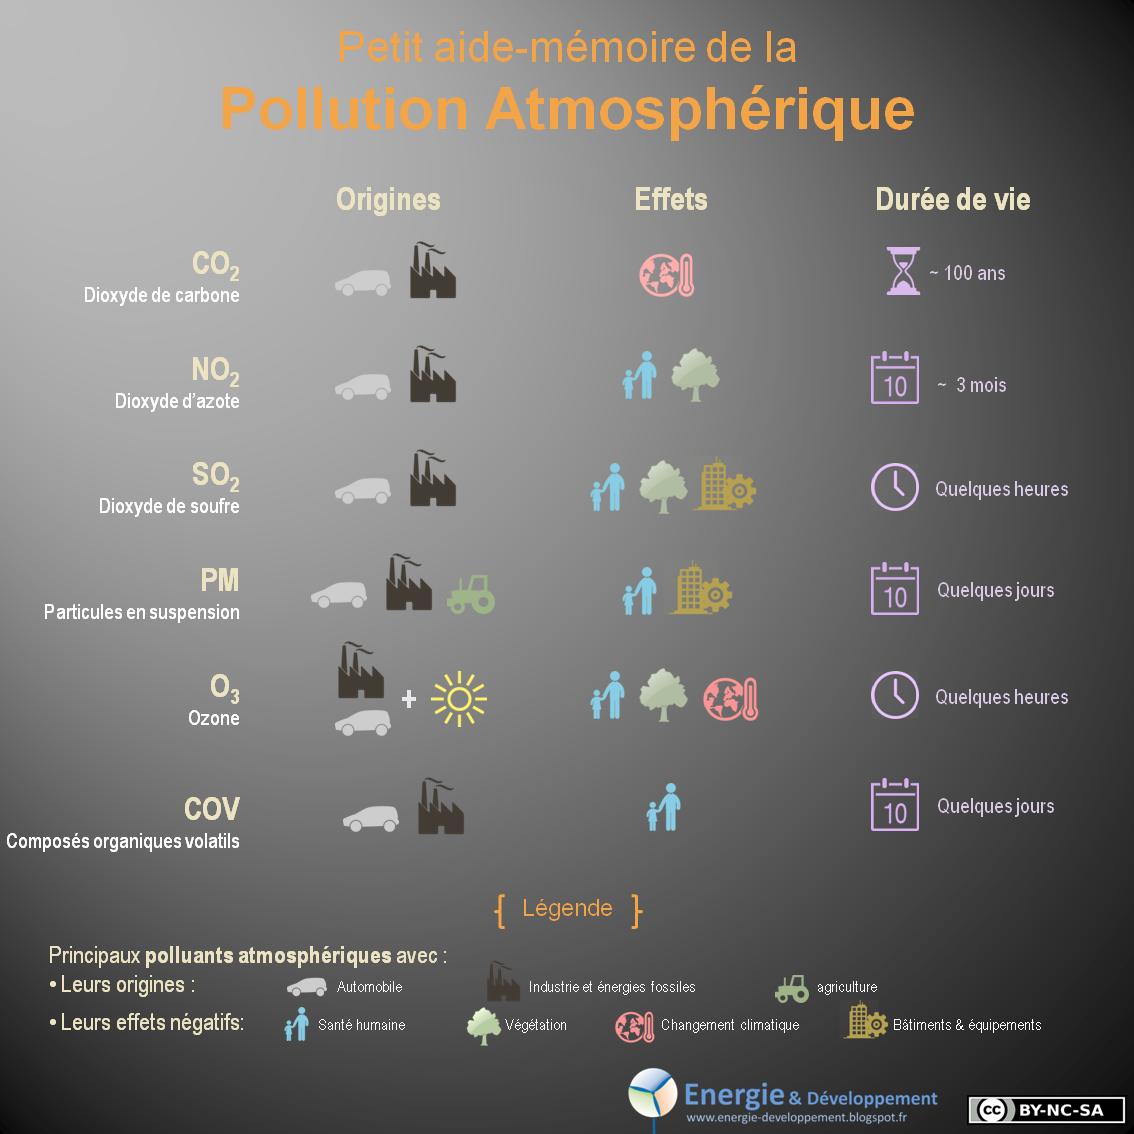 CO2, NO2, SO2, PM, O3, COV... origines, effets et durée de vie des principaux polluants atmosphériques